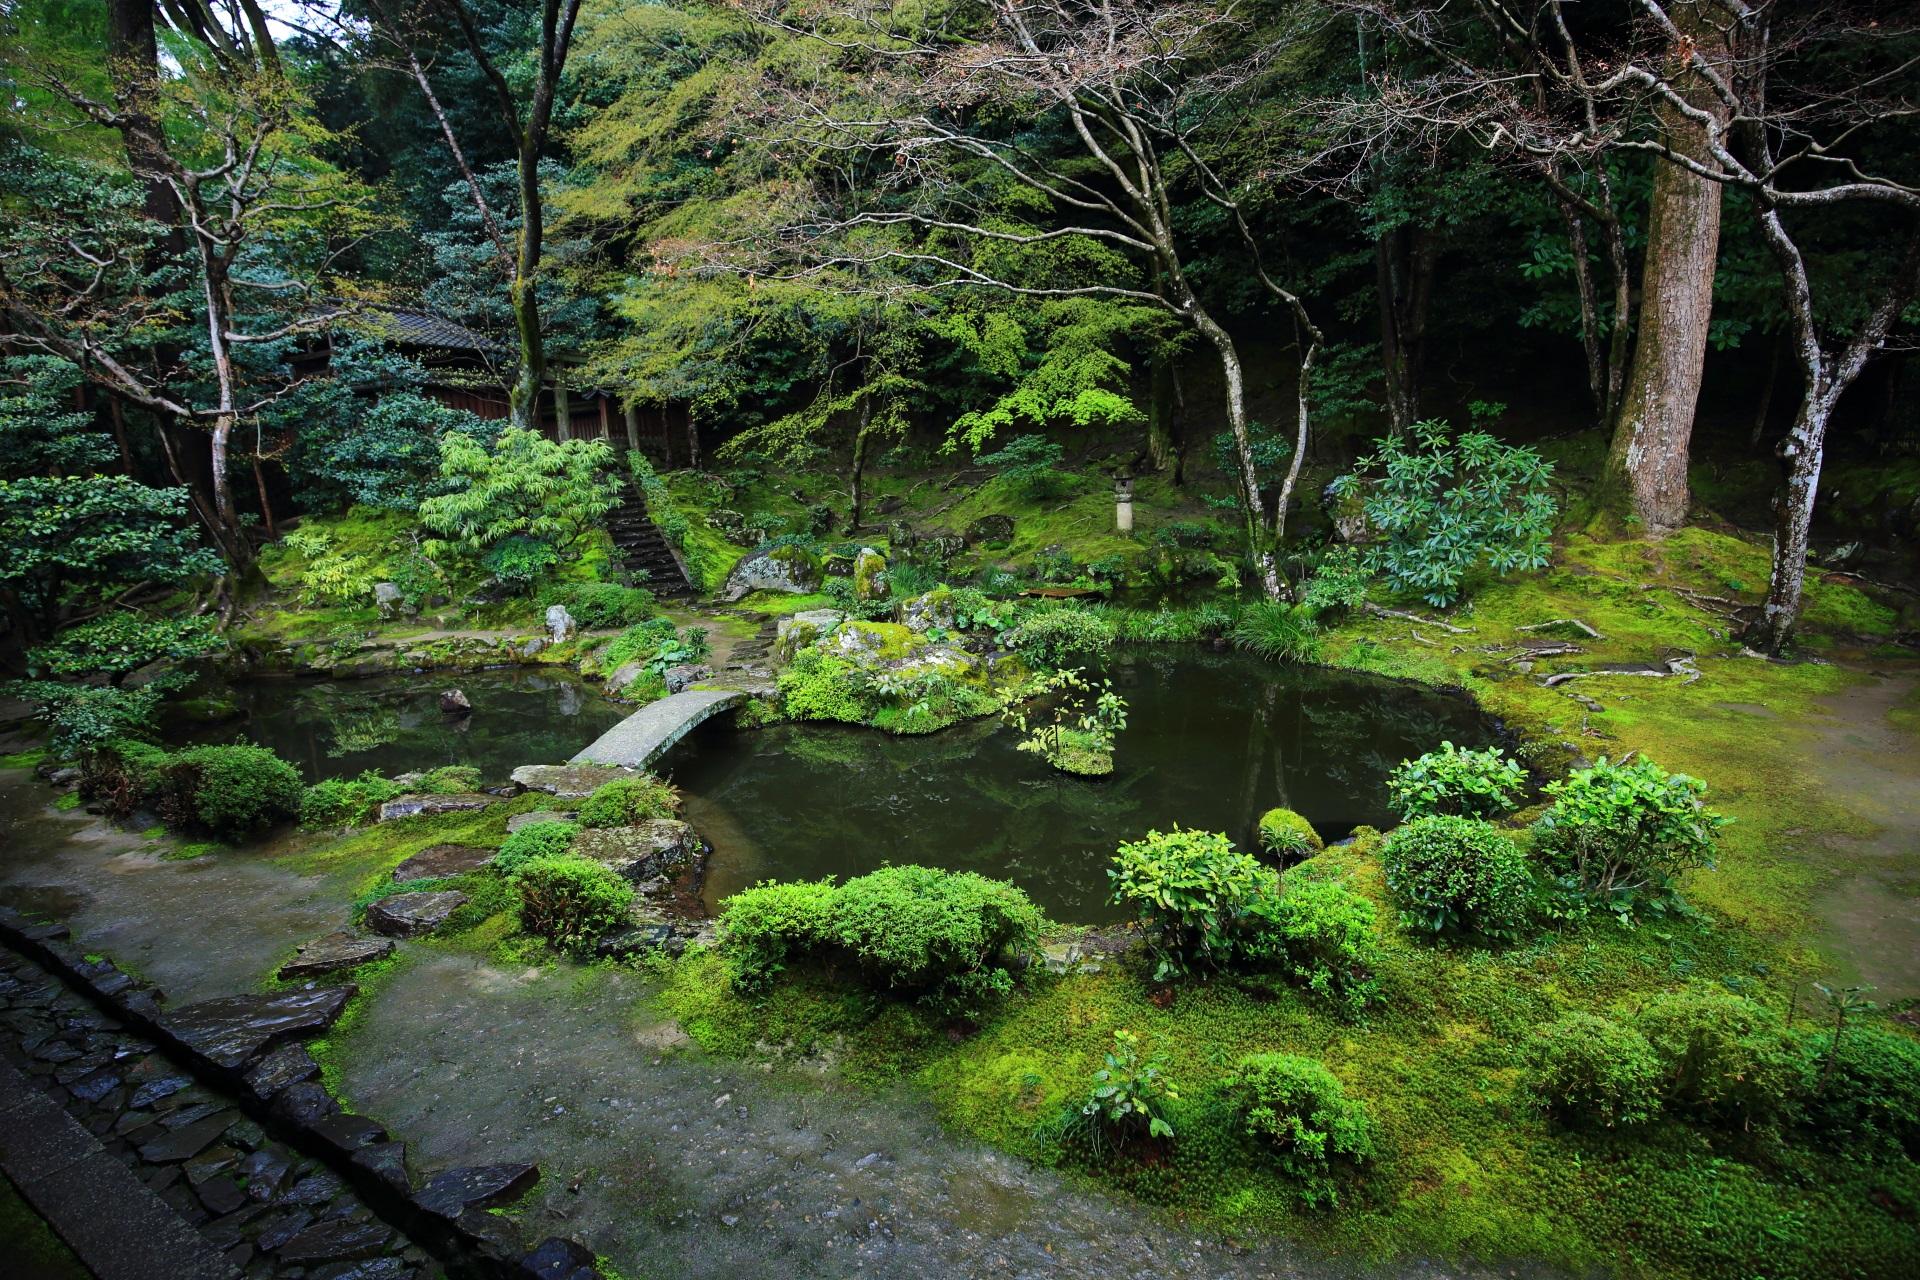 緑の素晴らしい池泉式の庭園である法然院の浄土庭園